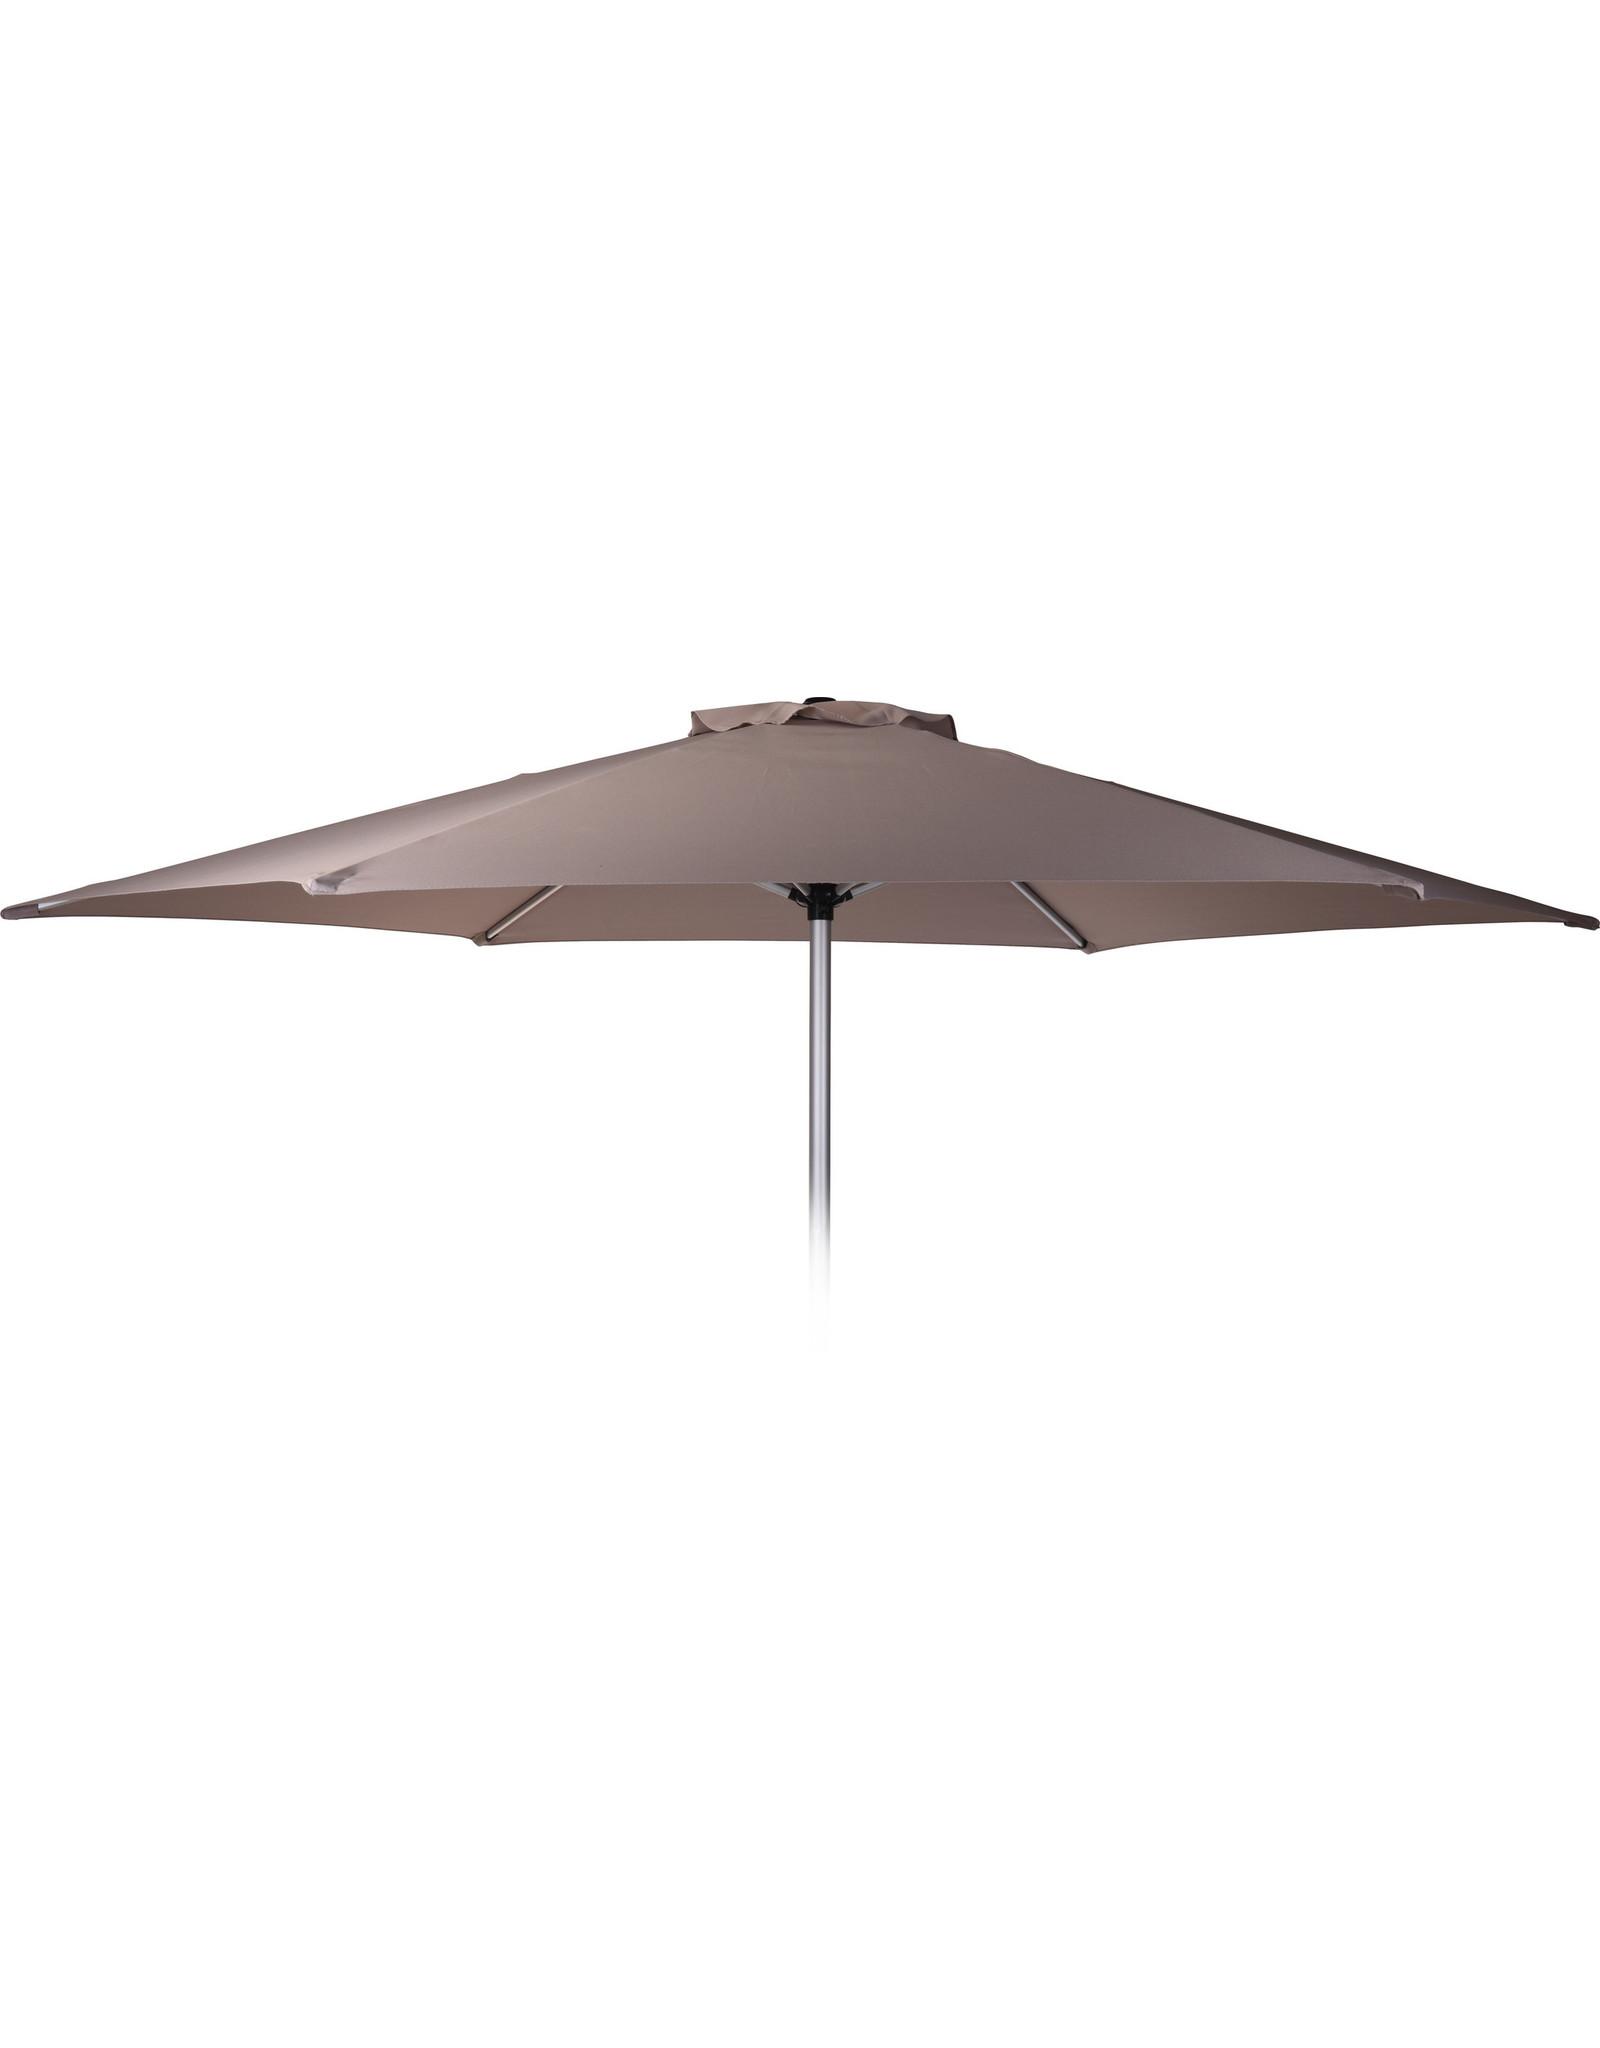 Pro Garden - Parasol - Ø270 cm - Aluminium - Taupe